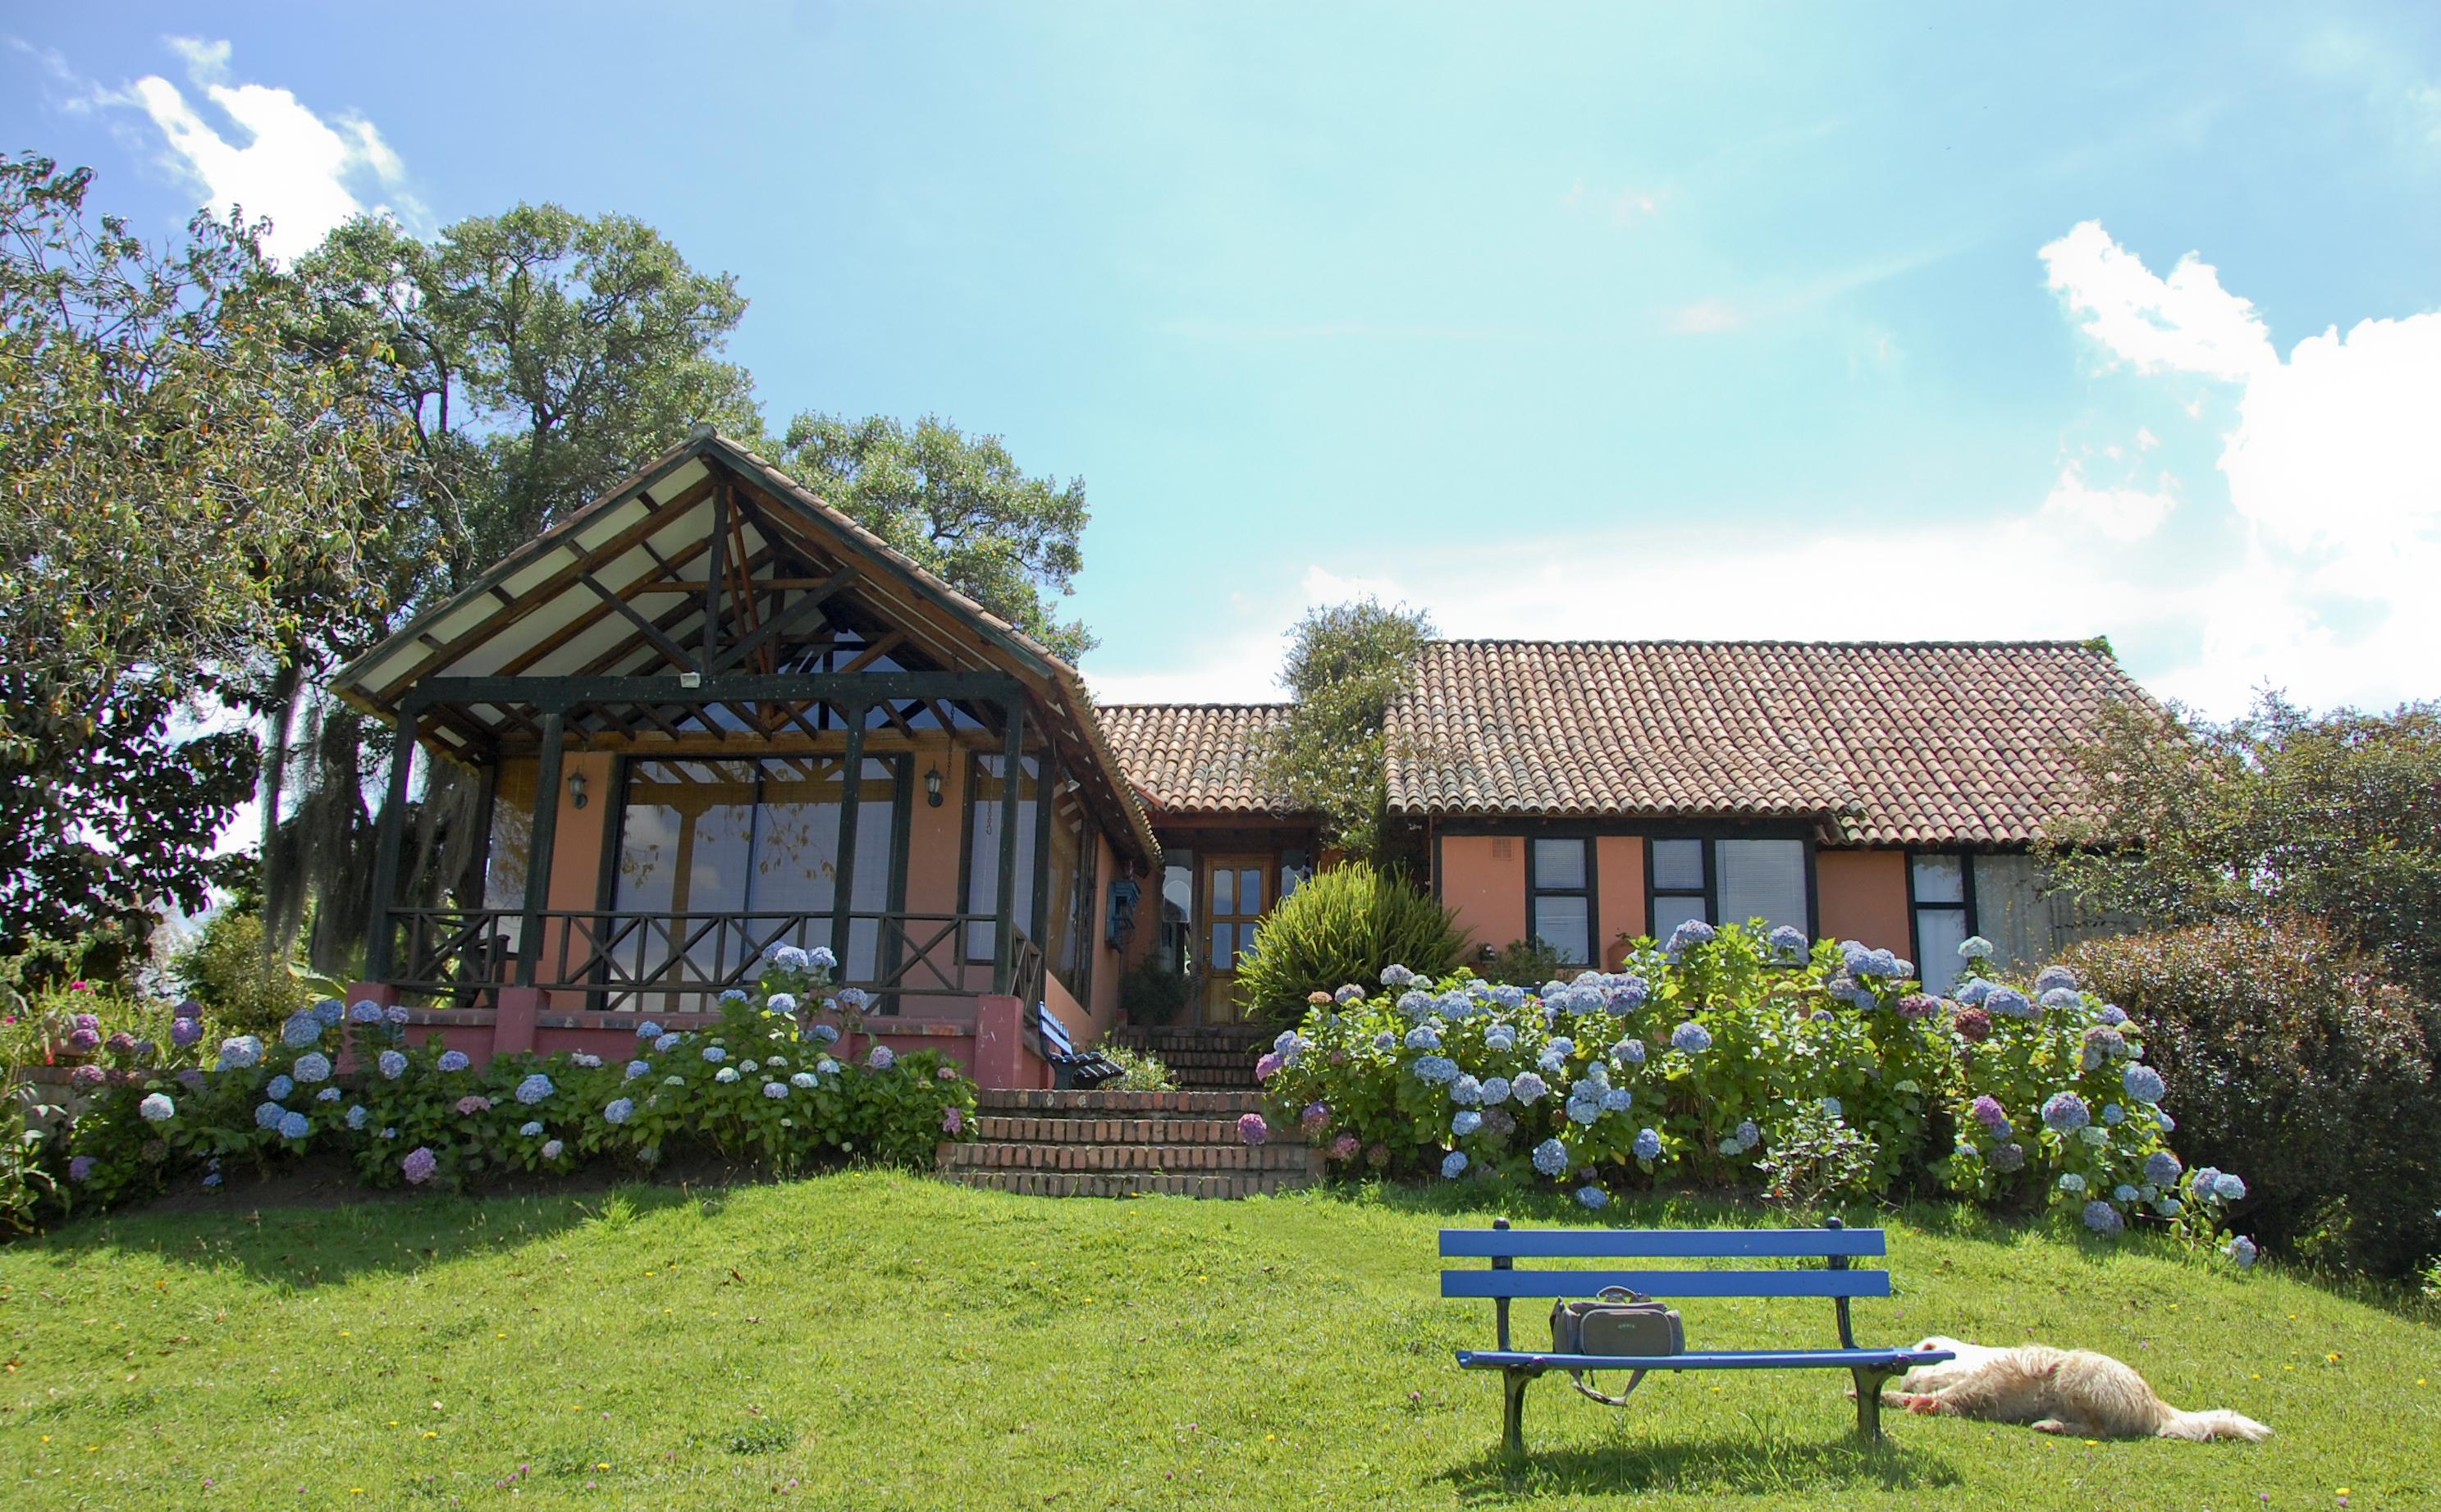 Casa zipaquira